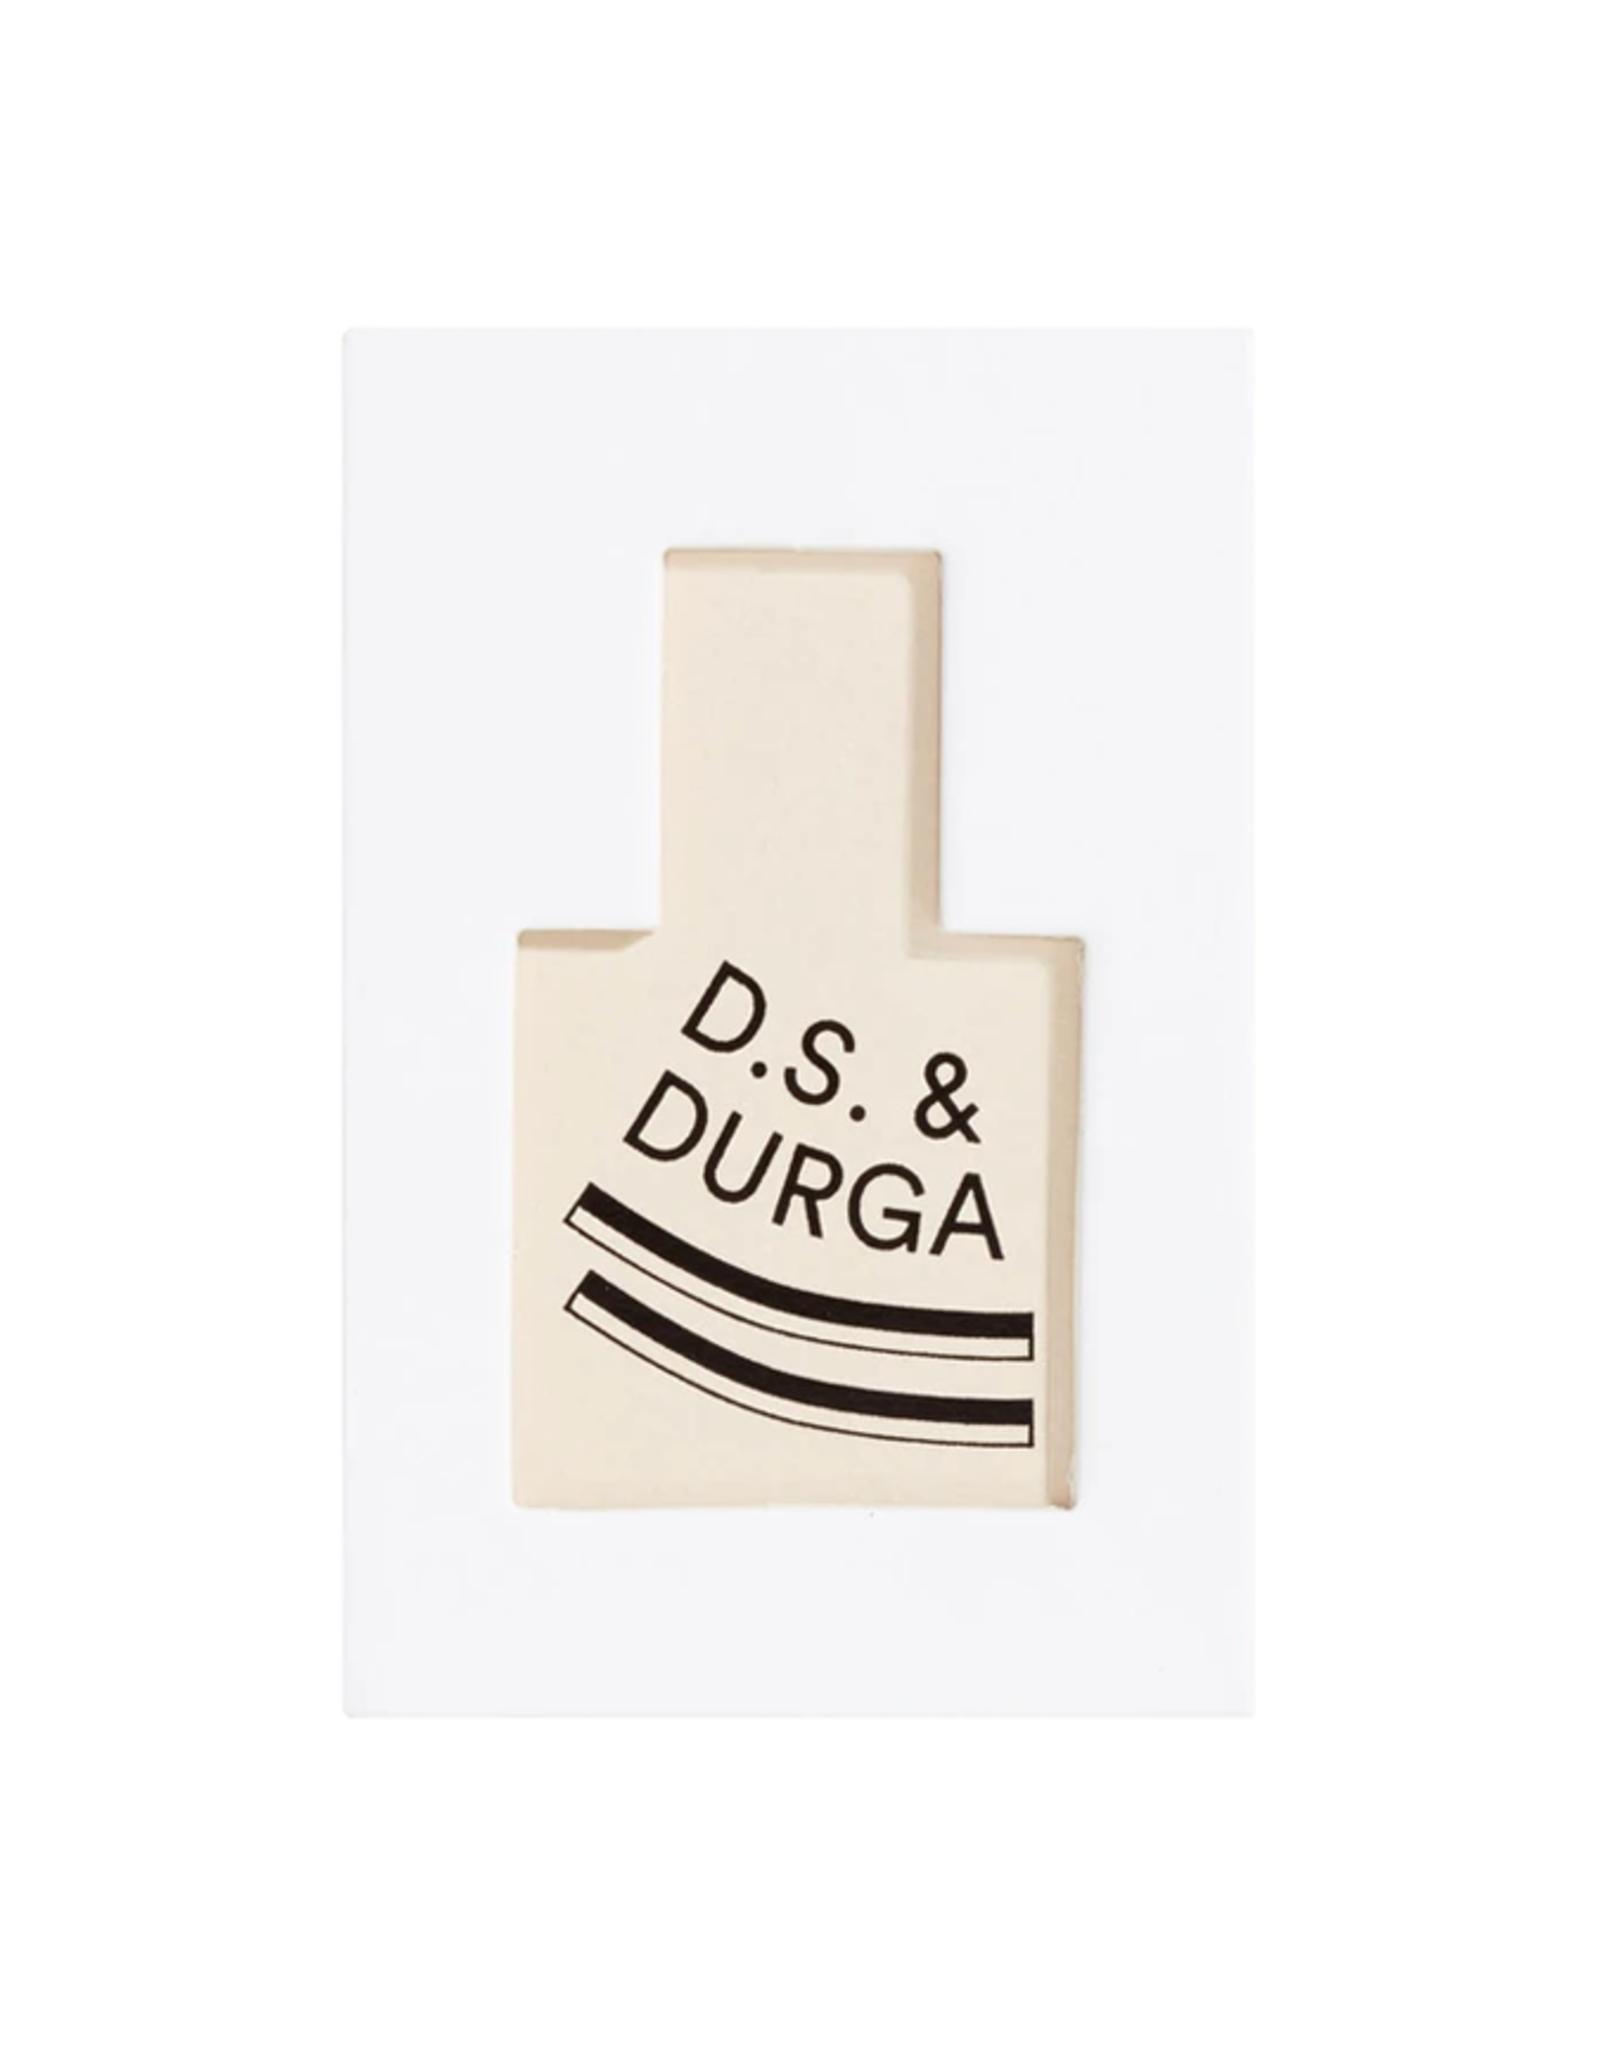 D.S. & DURGA Amber Teutonic - Eau De Parfum - 50 mL